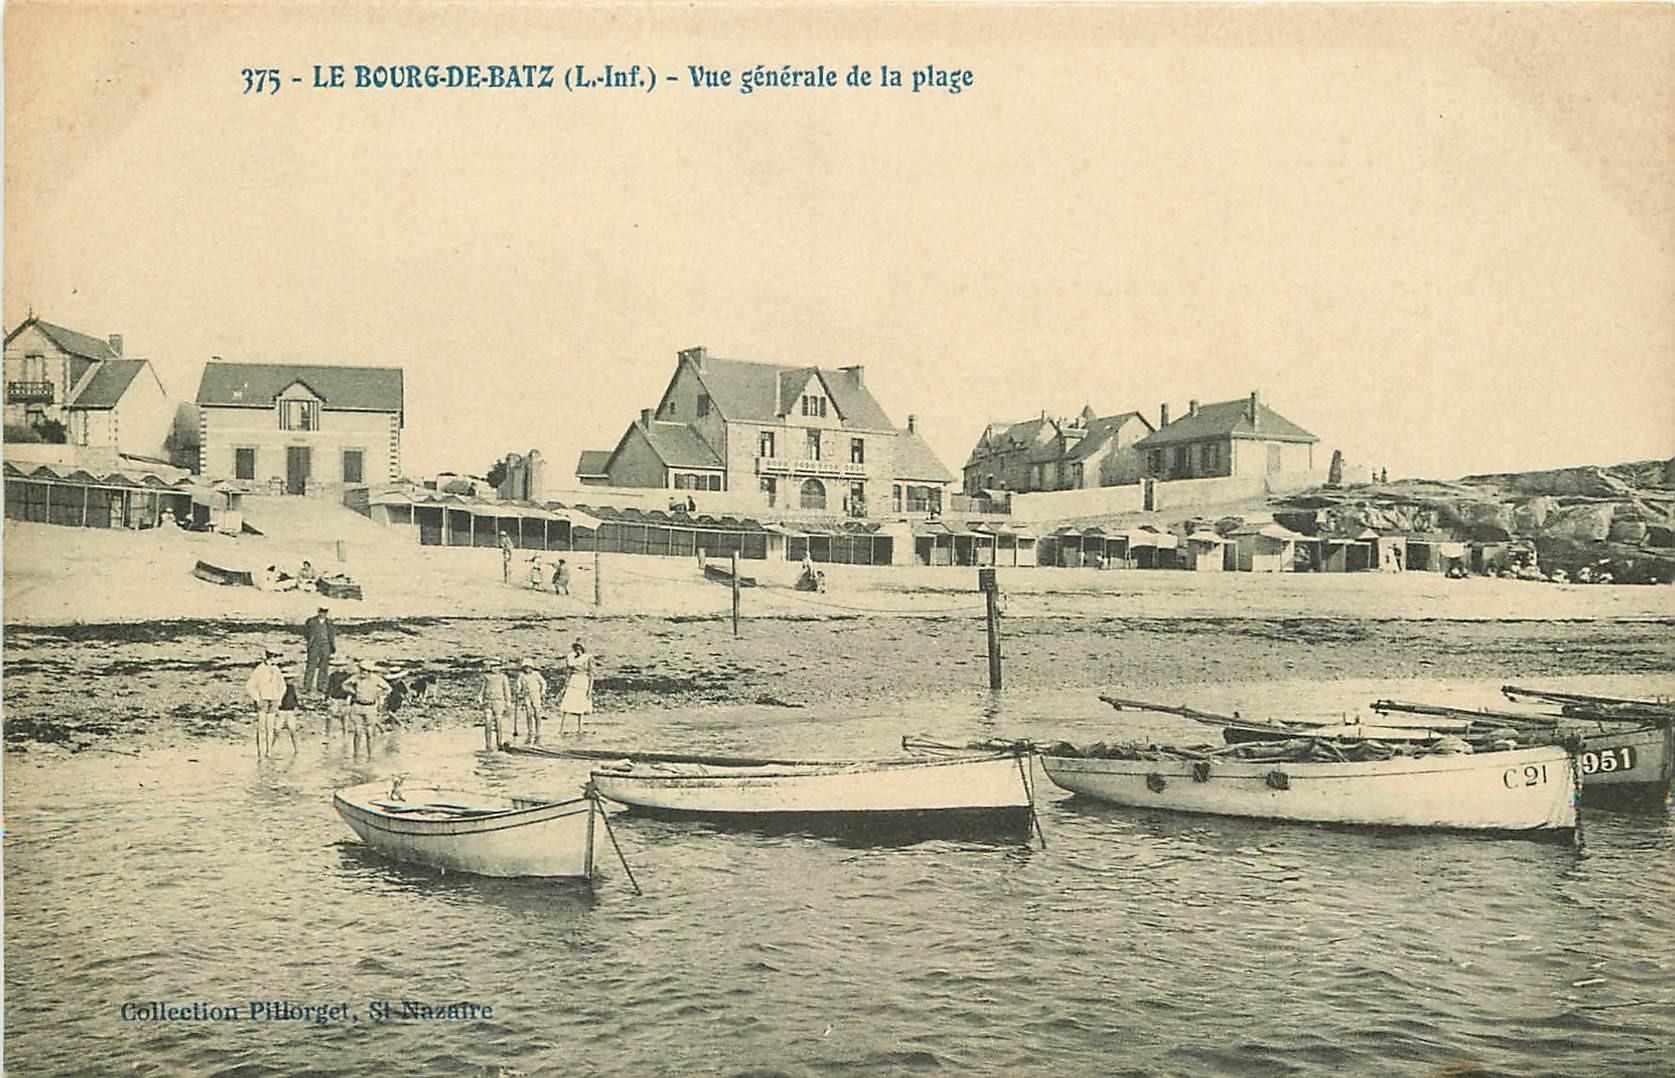 44 LE BOURG-DE-BATZ. Barques de Pêcheurs sur la Plage